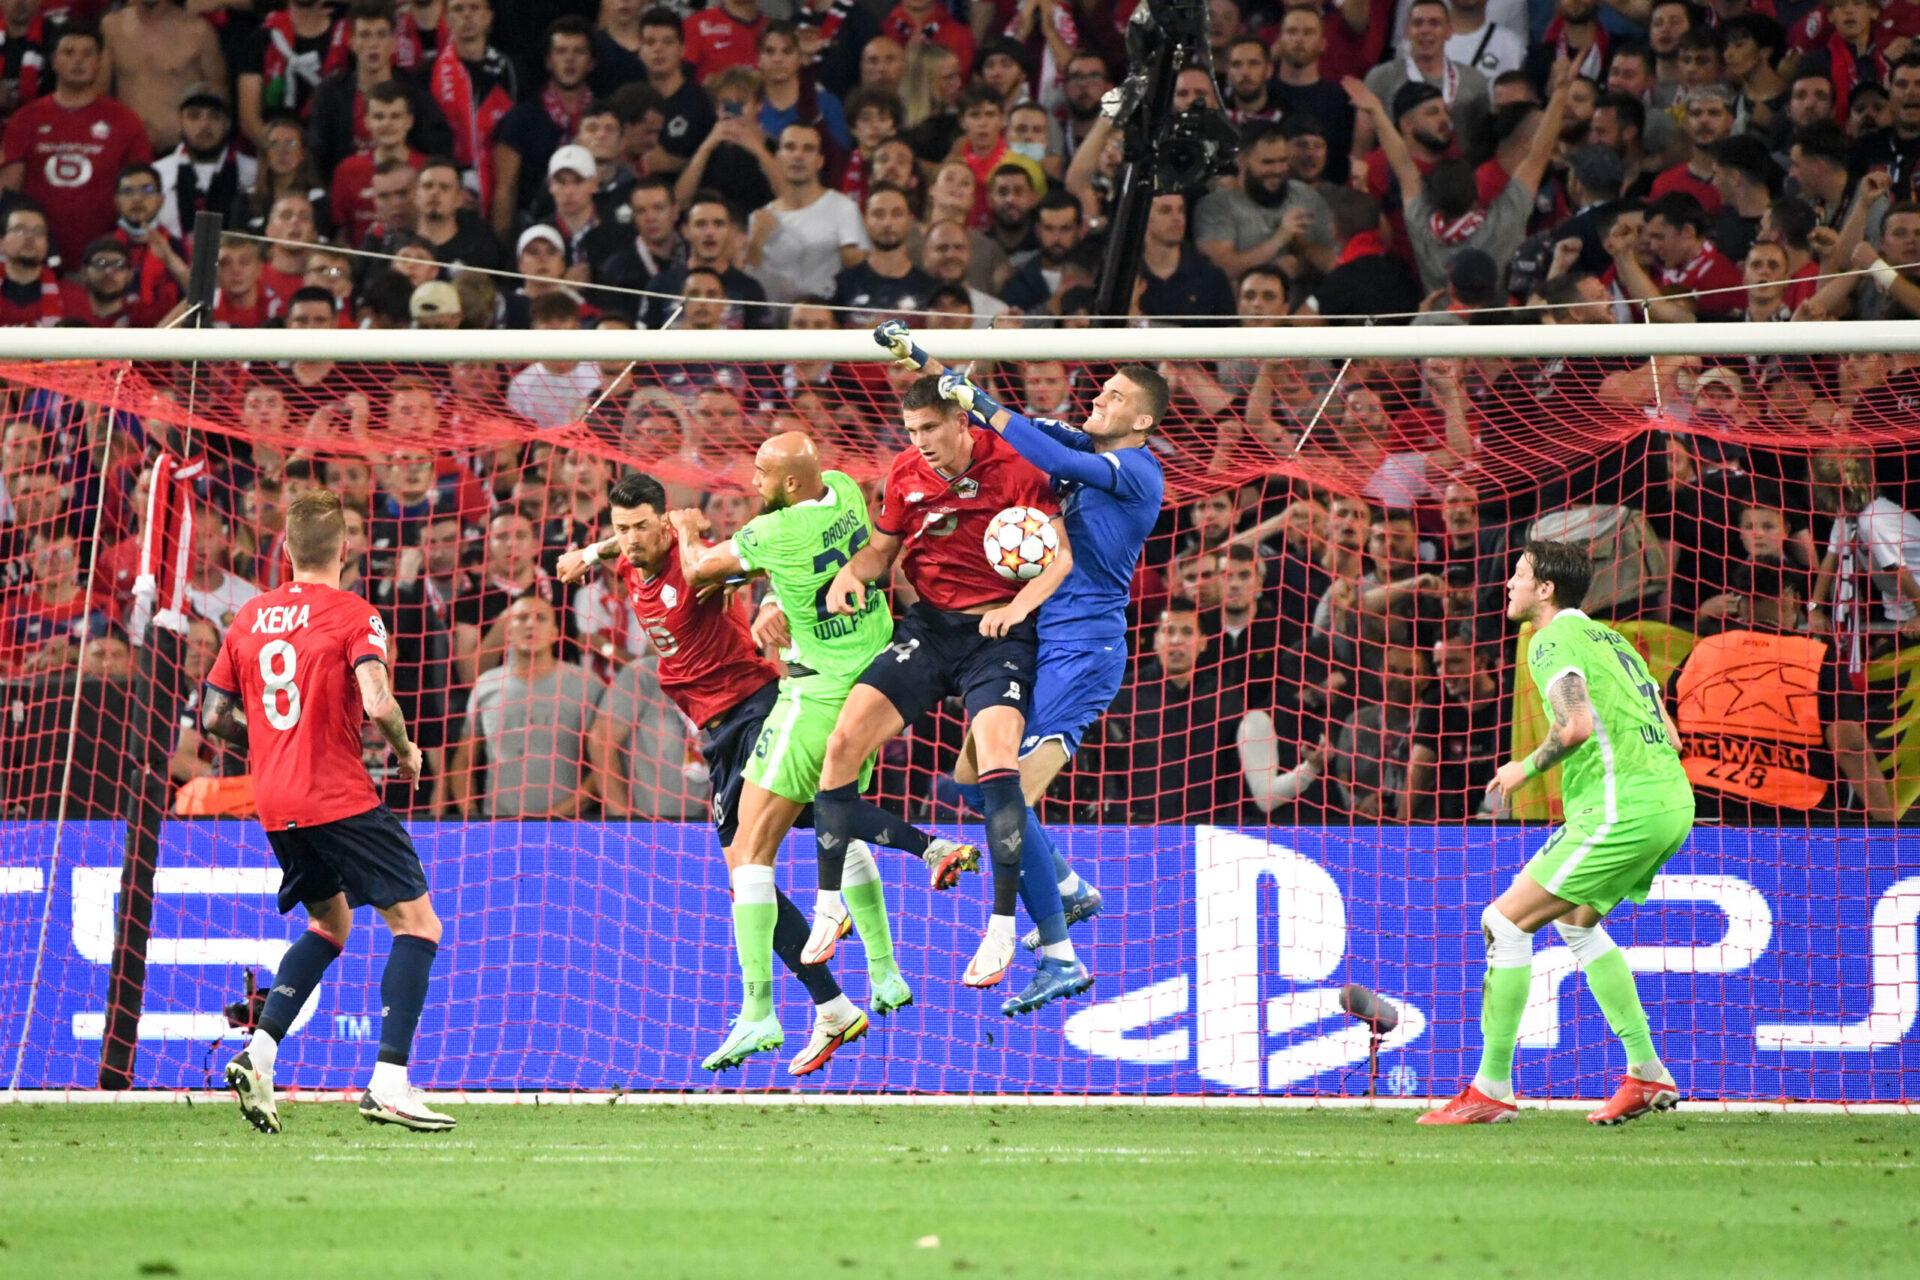 Lors de la première journée, le LOSC avait concédé le match nul contre Wolfsburg au stade Pierre Mauroy. Icon Sport